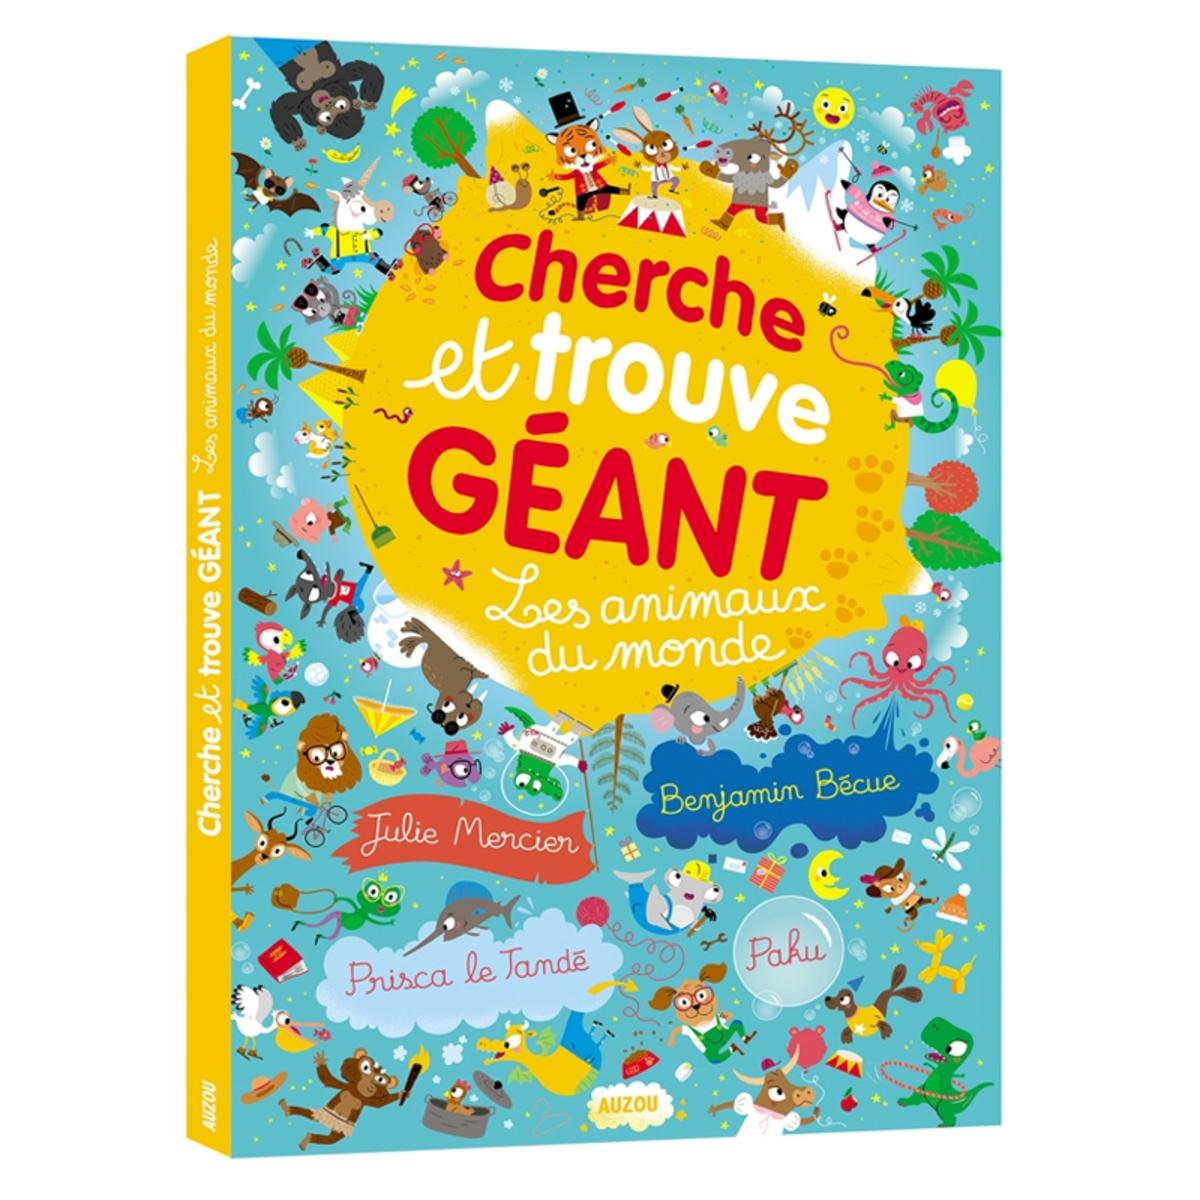 Livre & Carte Les Animaux du Monde Collection Cherche et Trouve Géant